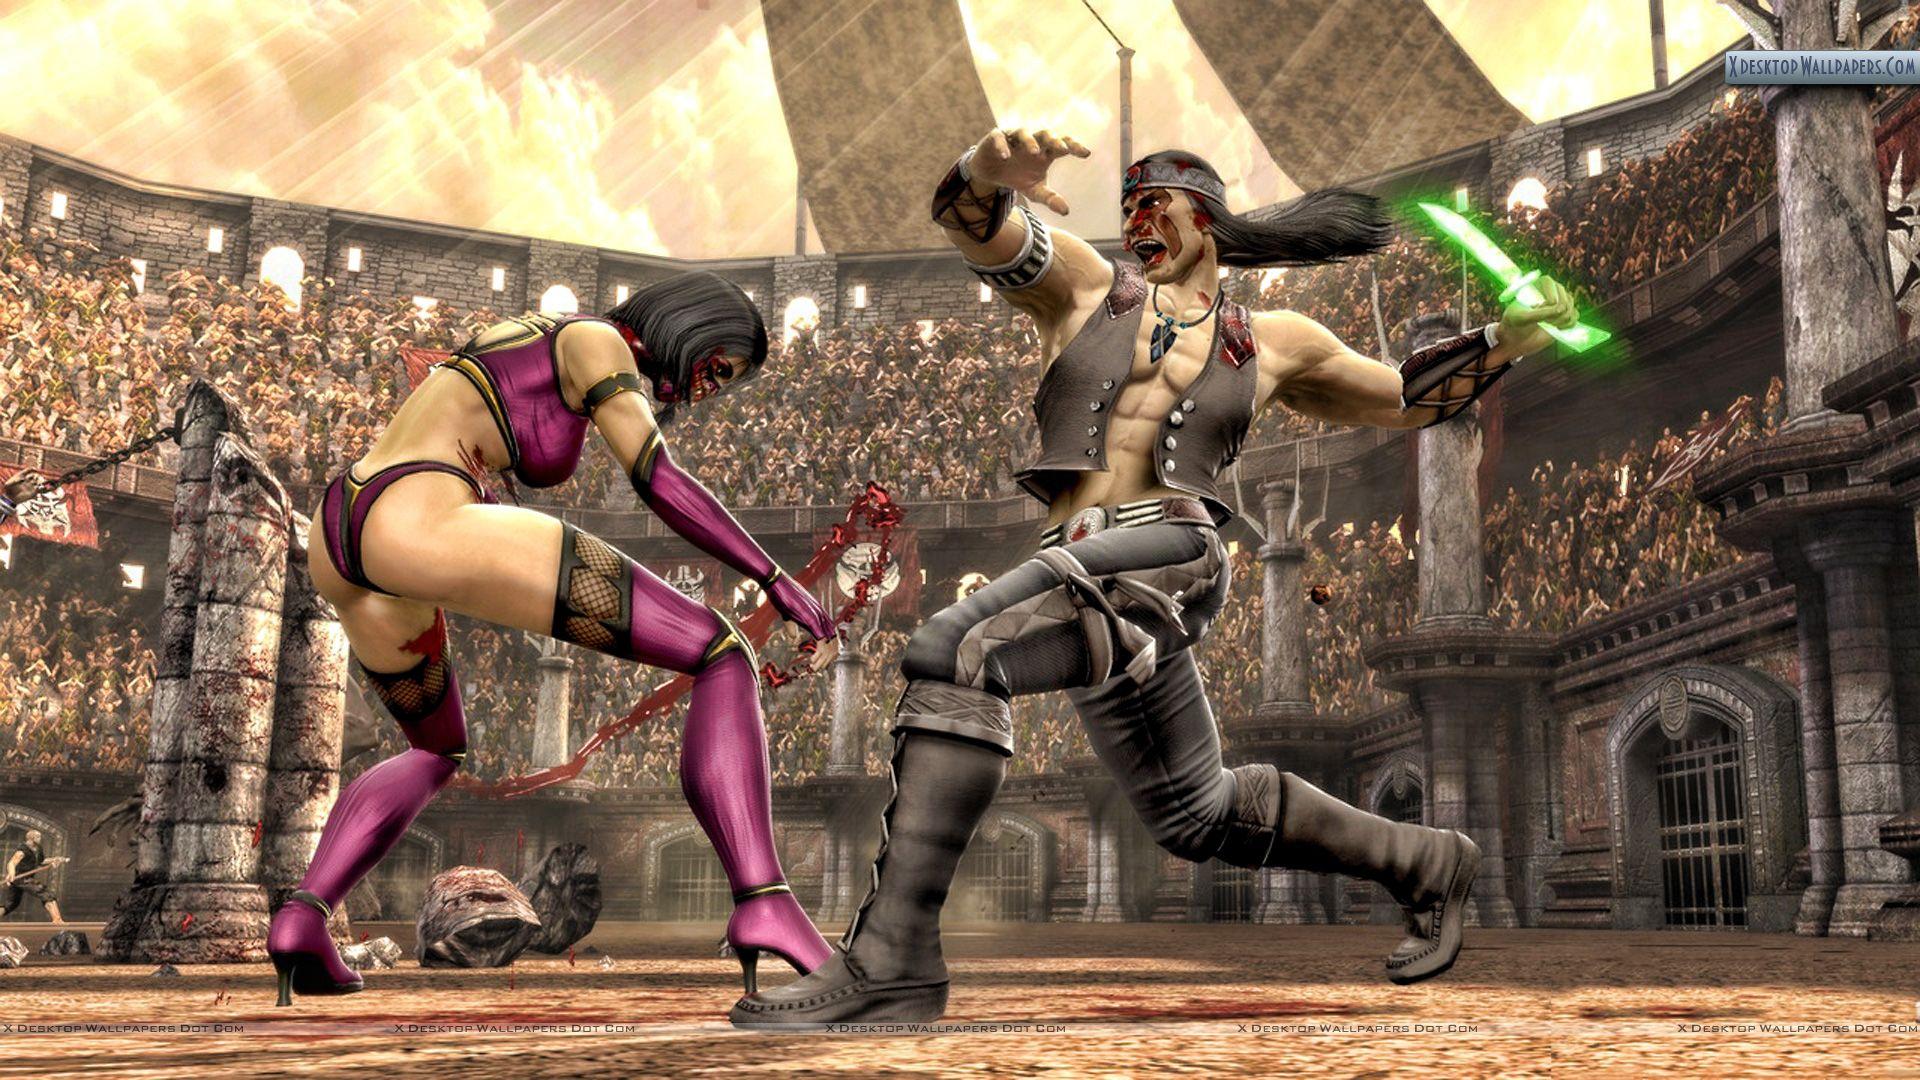 Mortal kombat bloody porn pics sex scenes